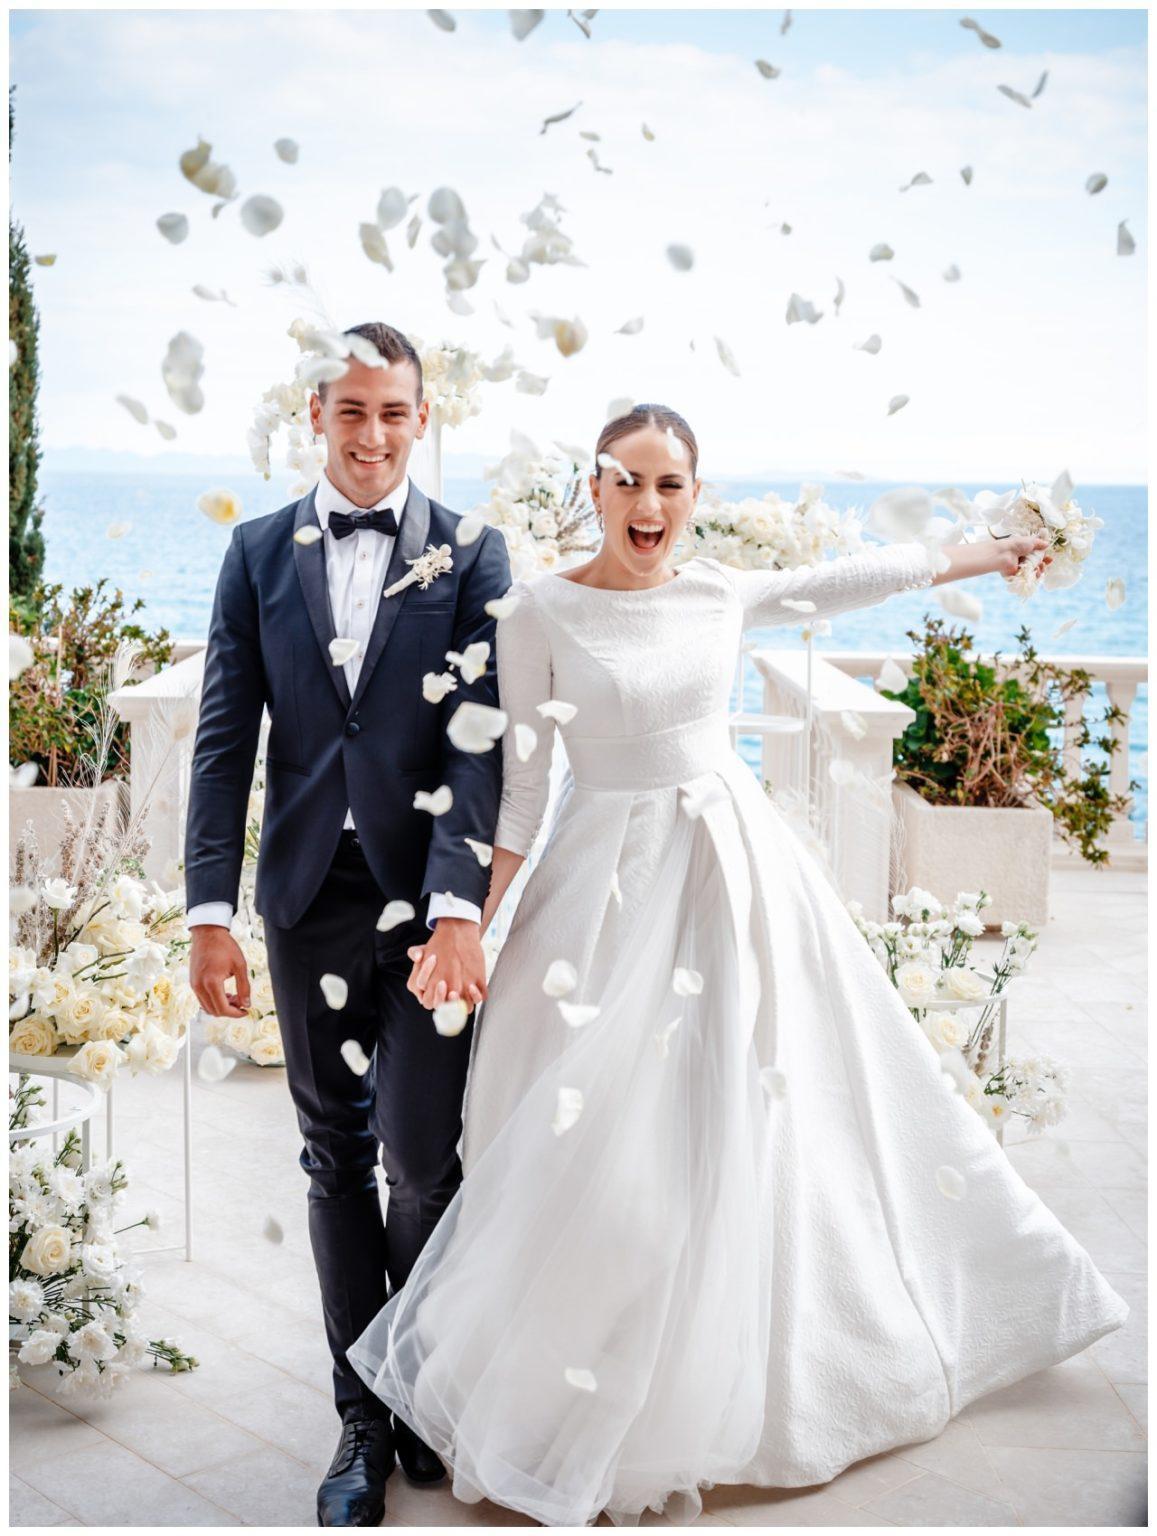 Hochzeit Kroatien Hochzeitsplanung Hochzeitsplaner Fotograf 15 - Luxuriöse Hochzeit in Weiß